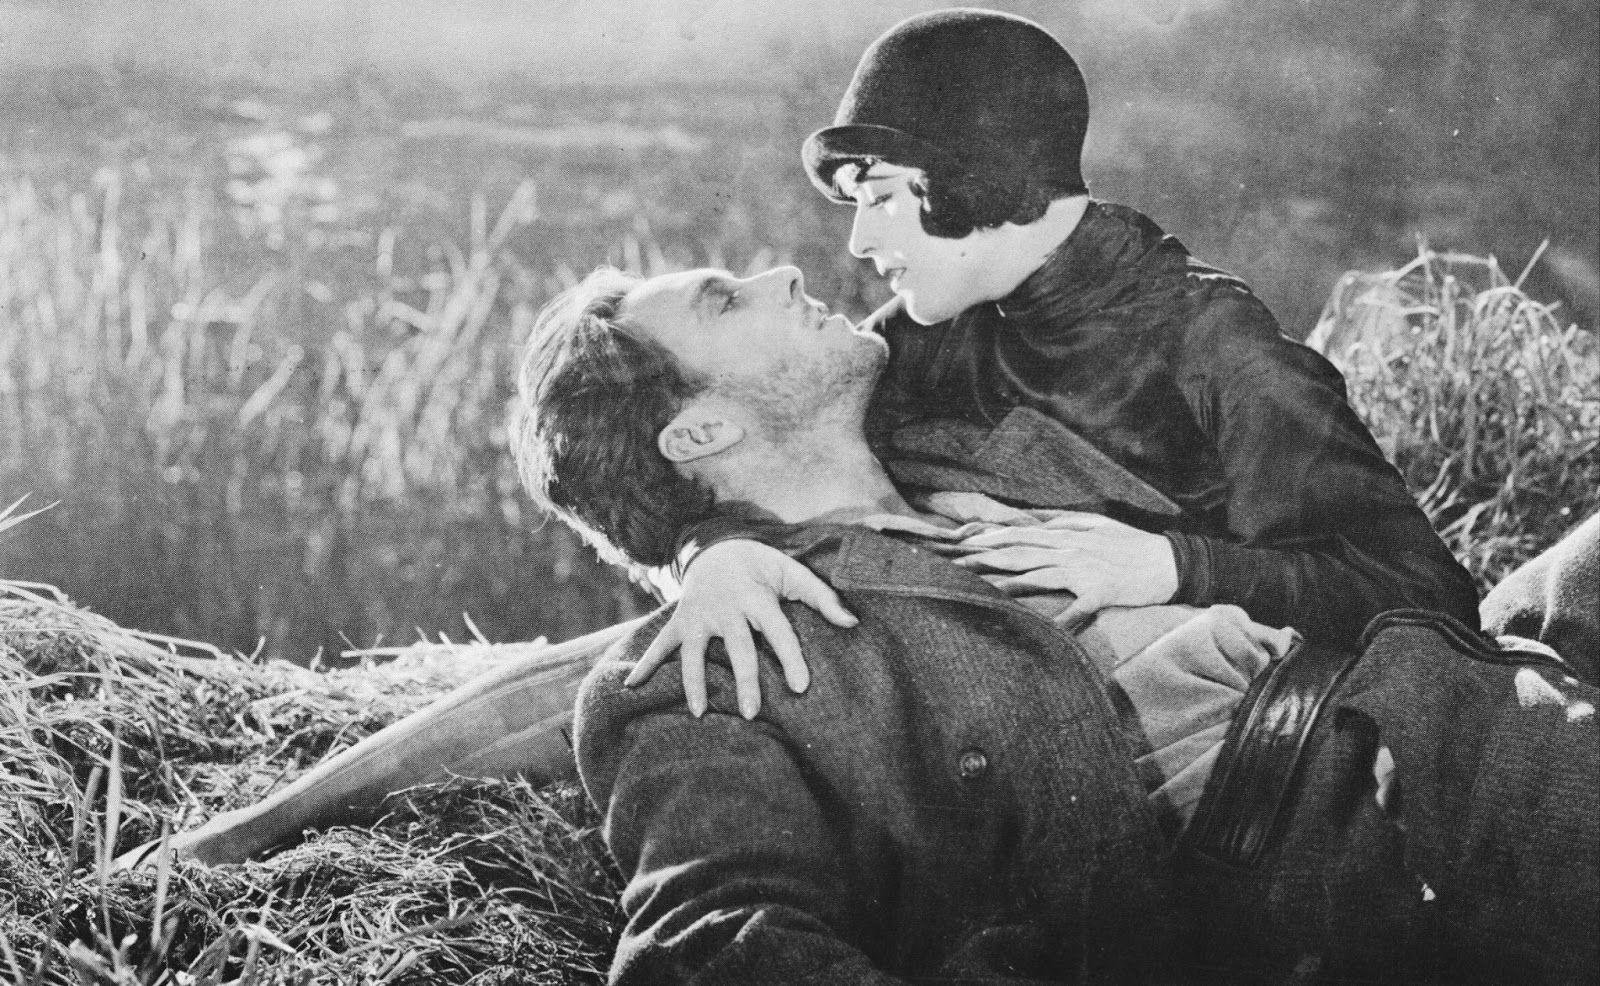 Vizualne simfonije F. W. Murnaua u kinu Tuškanac